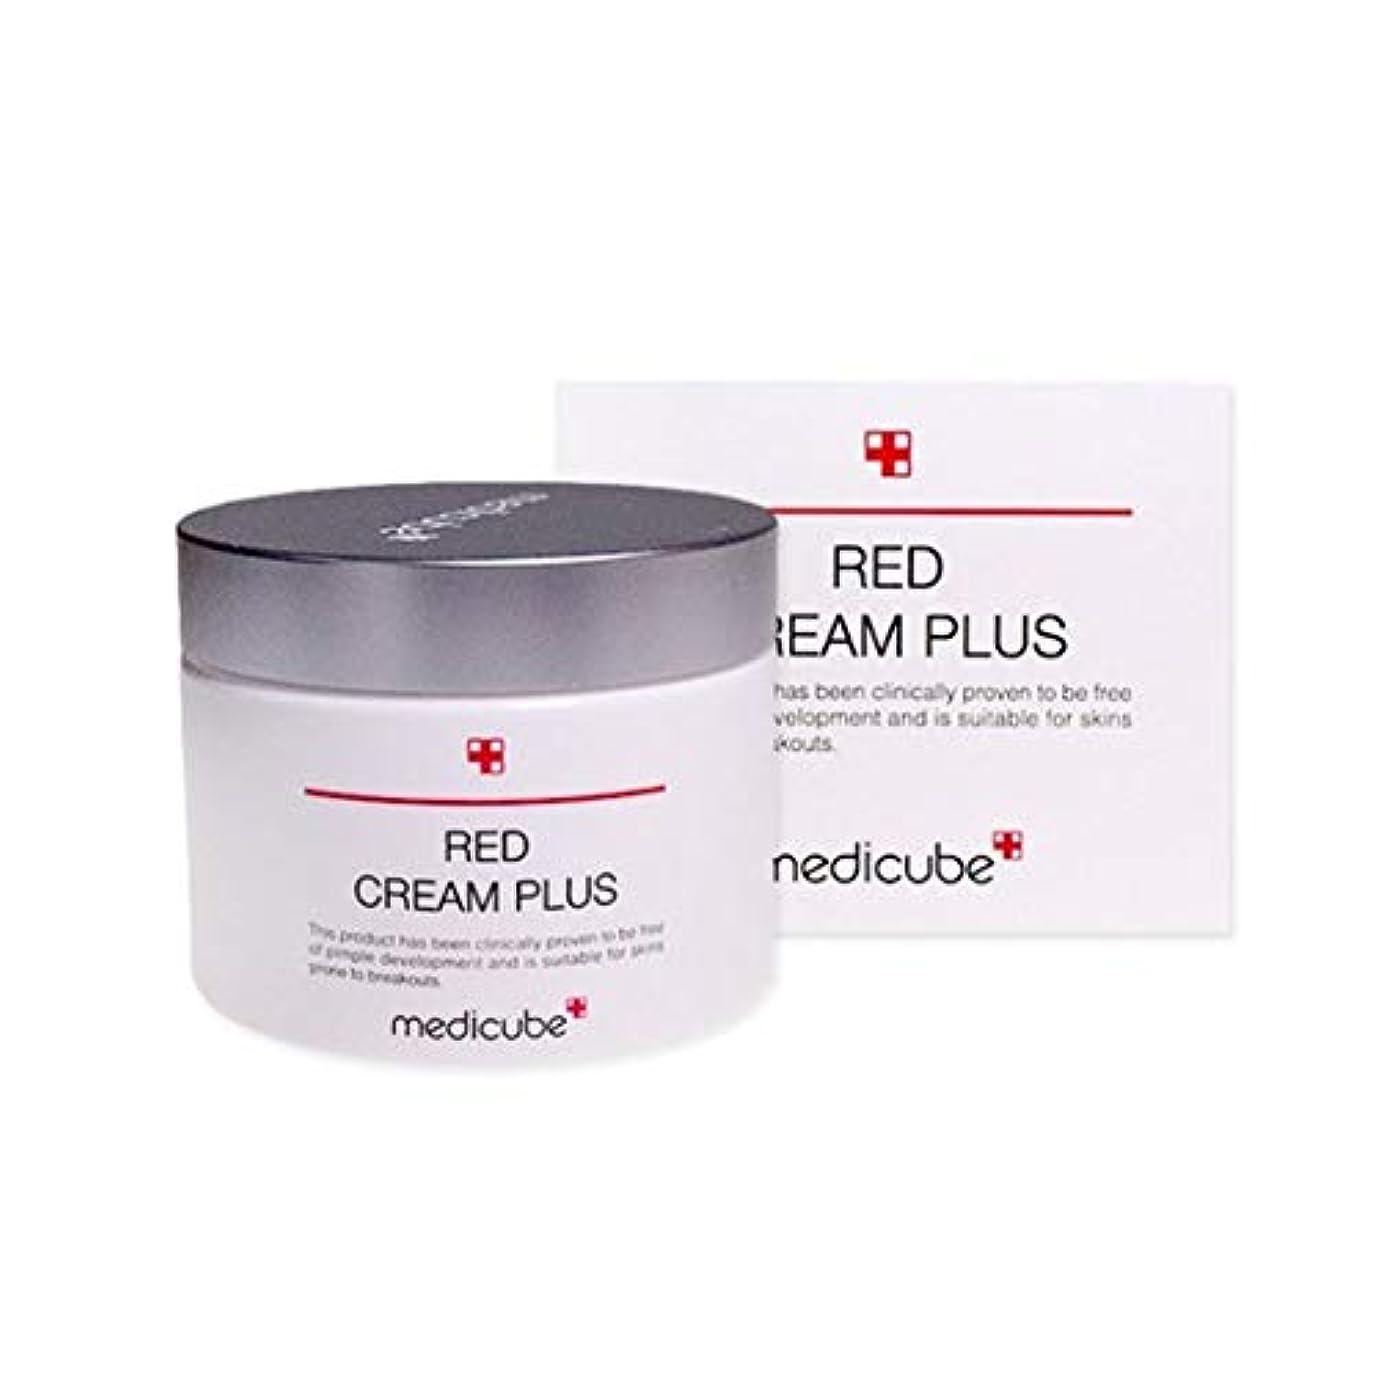 割り込み超高層ビルジャンクションメディキューブレッドクリームプラス100ml韓国コスメ、Medicube Red Cream Plus 100ml Korean Cosmetics [並行輸入品]